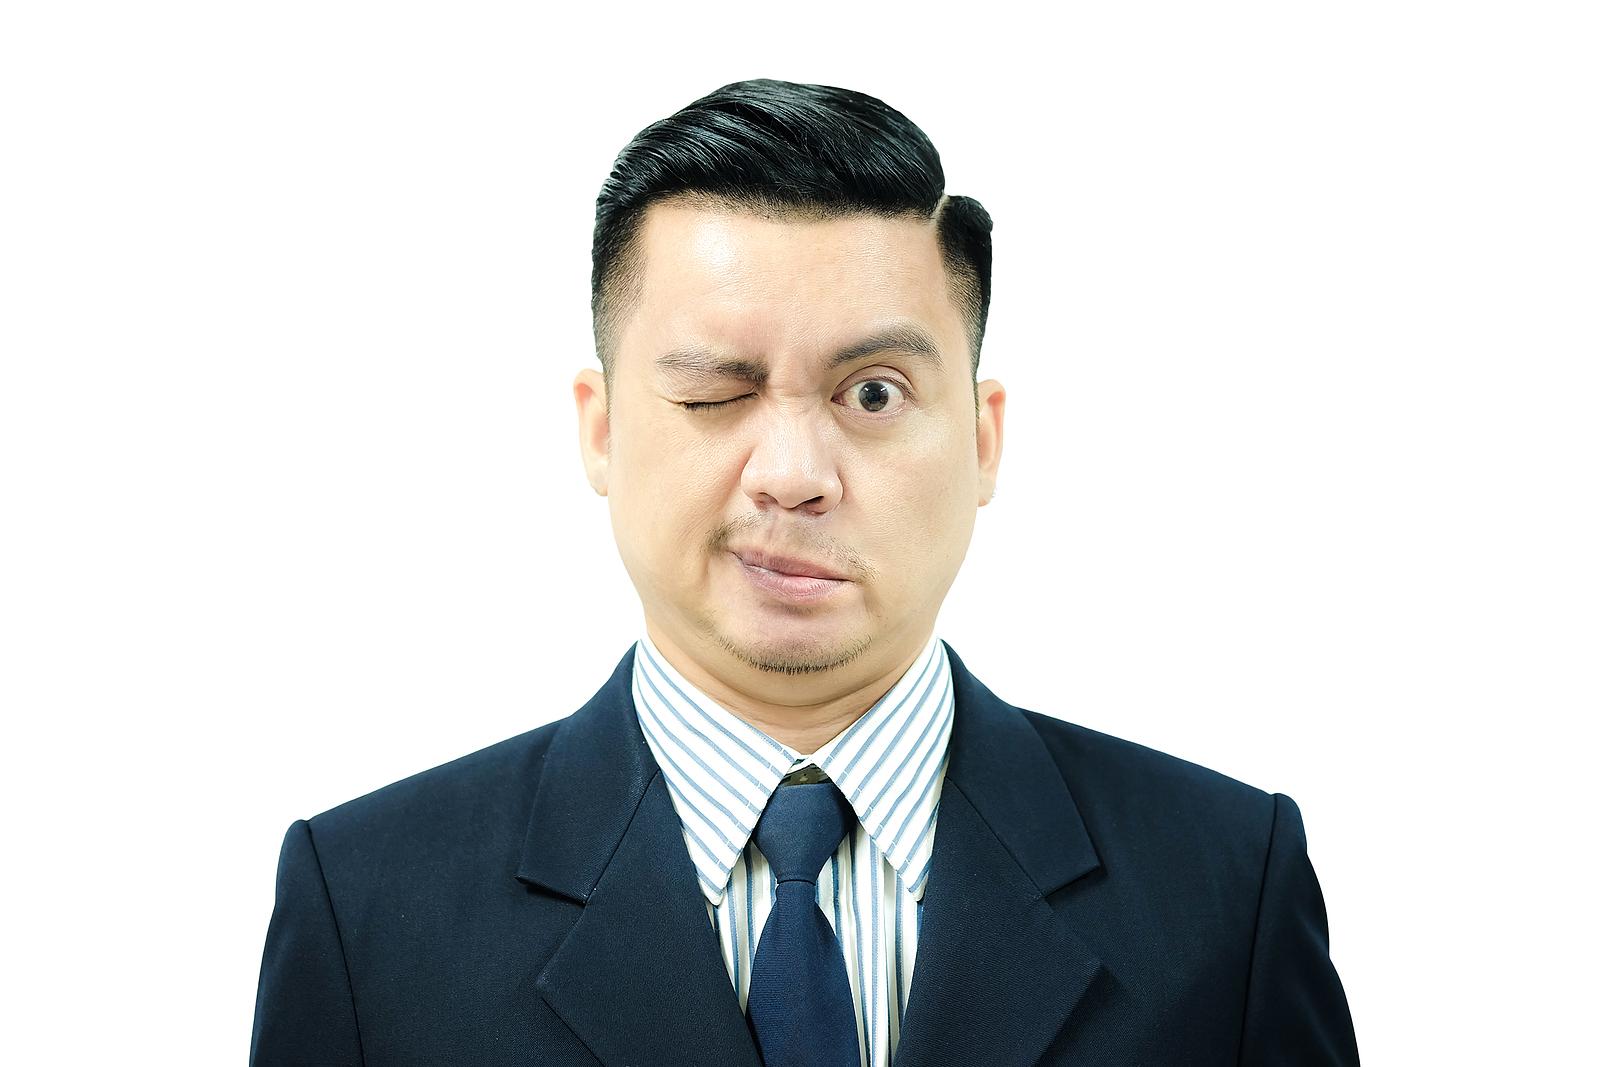 Asian Man with Facial Paralysis